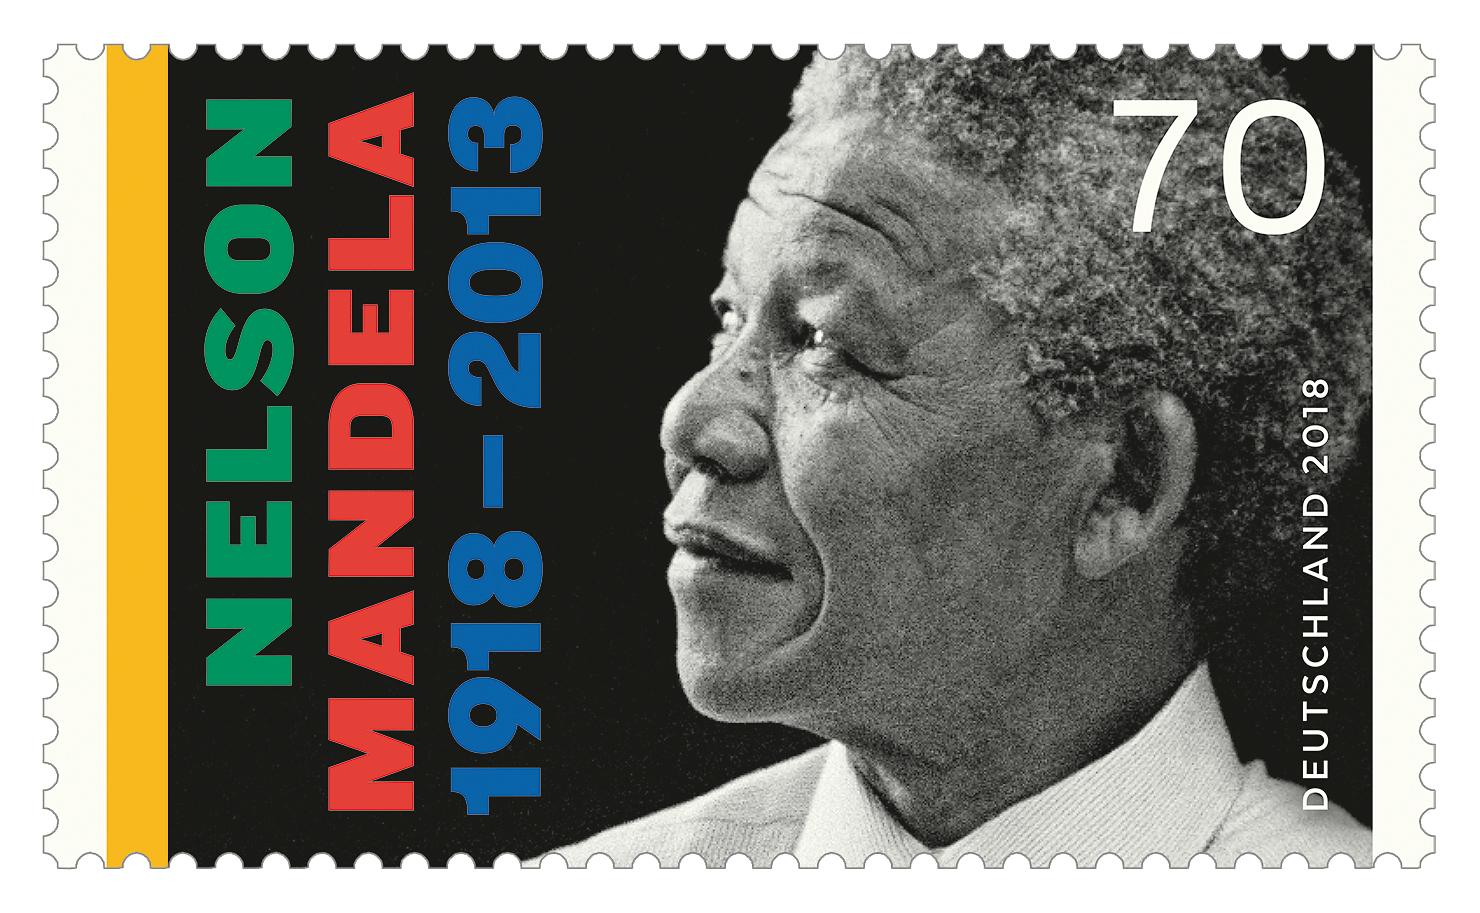 Briefmarke 100. Geburtstag Nelson Mandela